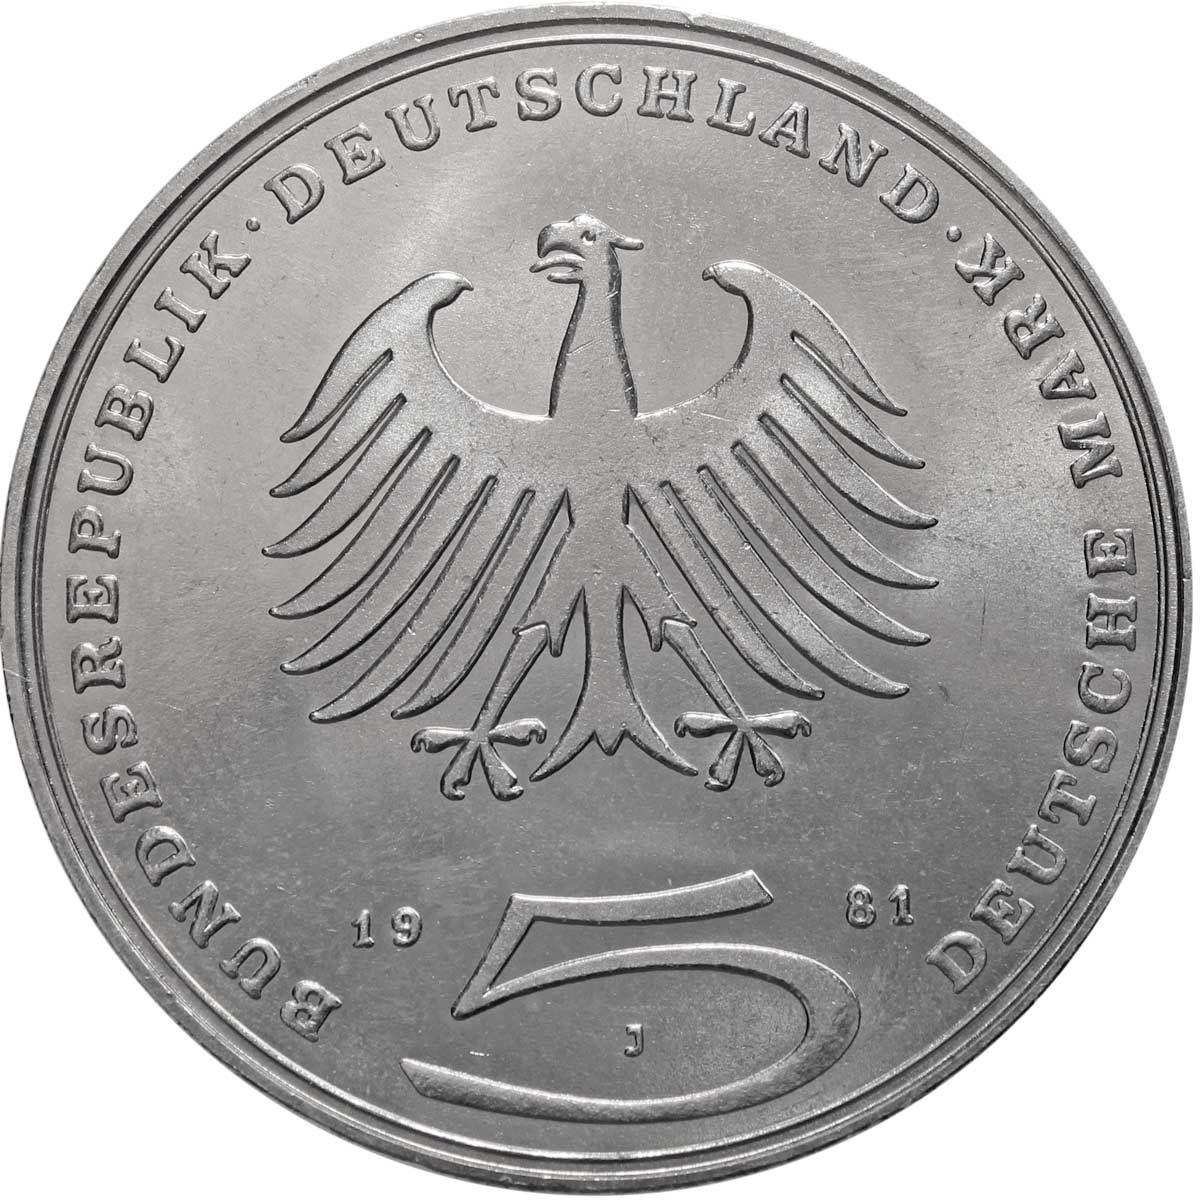 5 марок. 200 лет со дня смерти Готхольда Эфраима Лессинга (J). Медноникель. 1981 г. AU